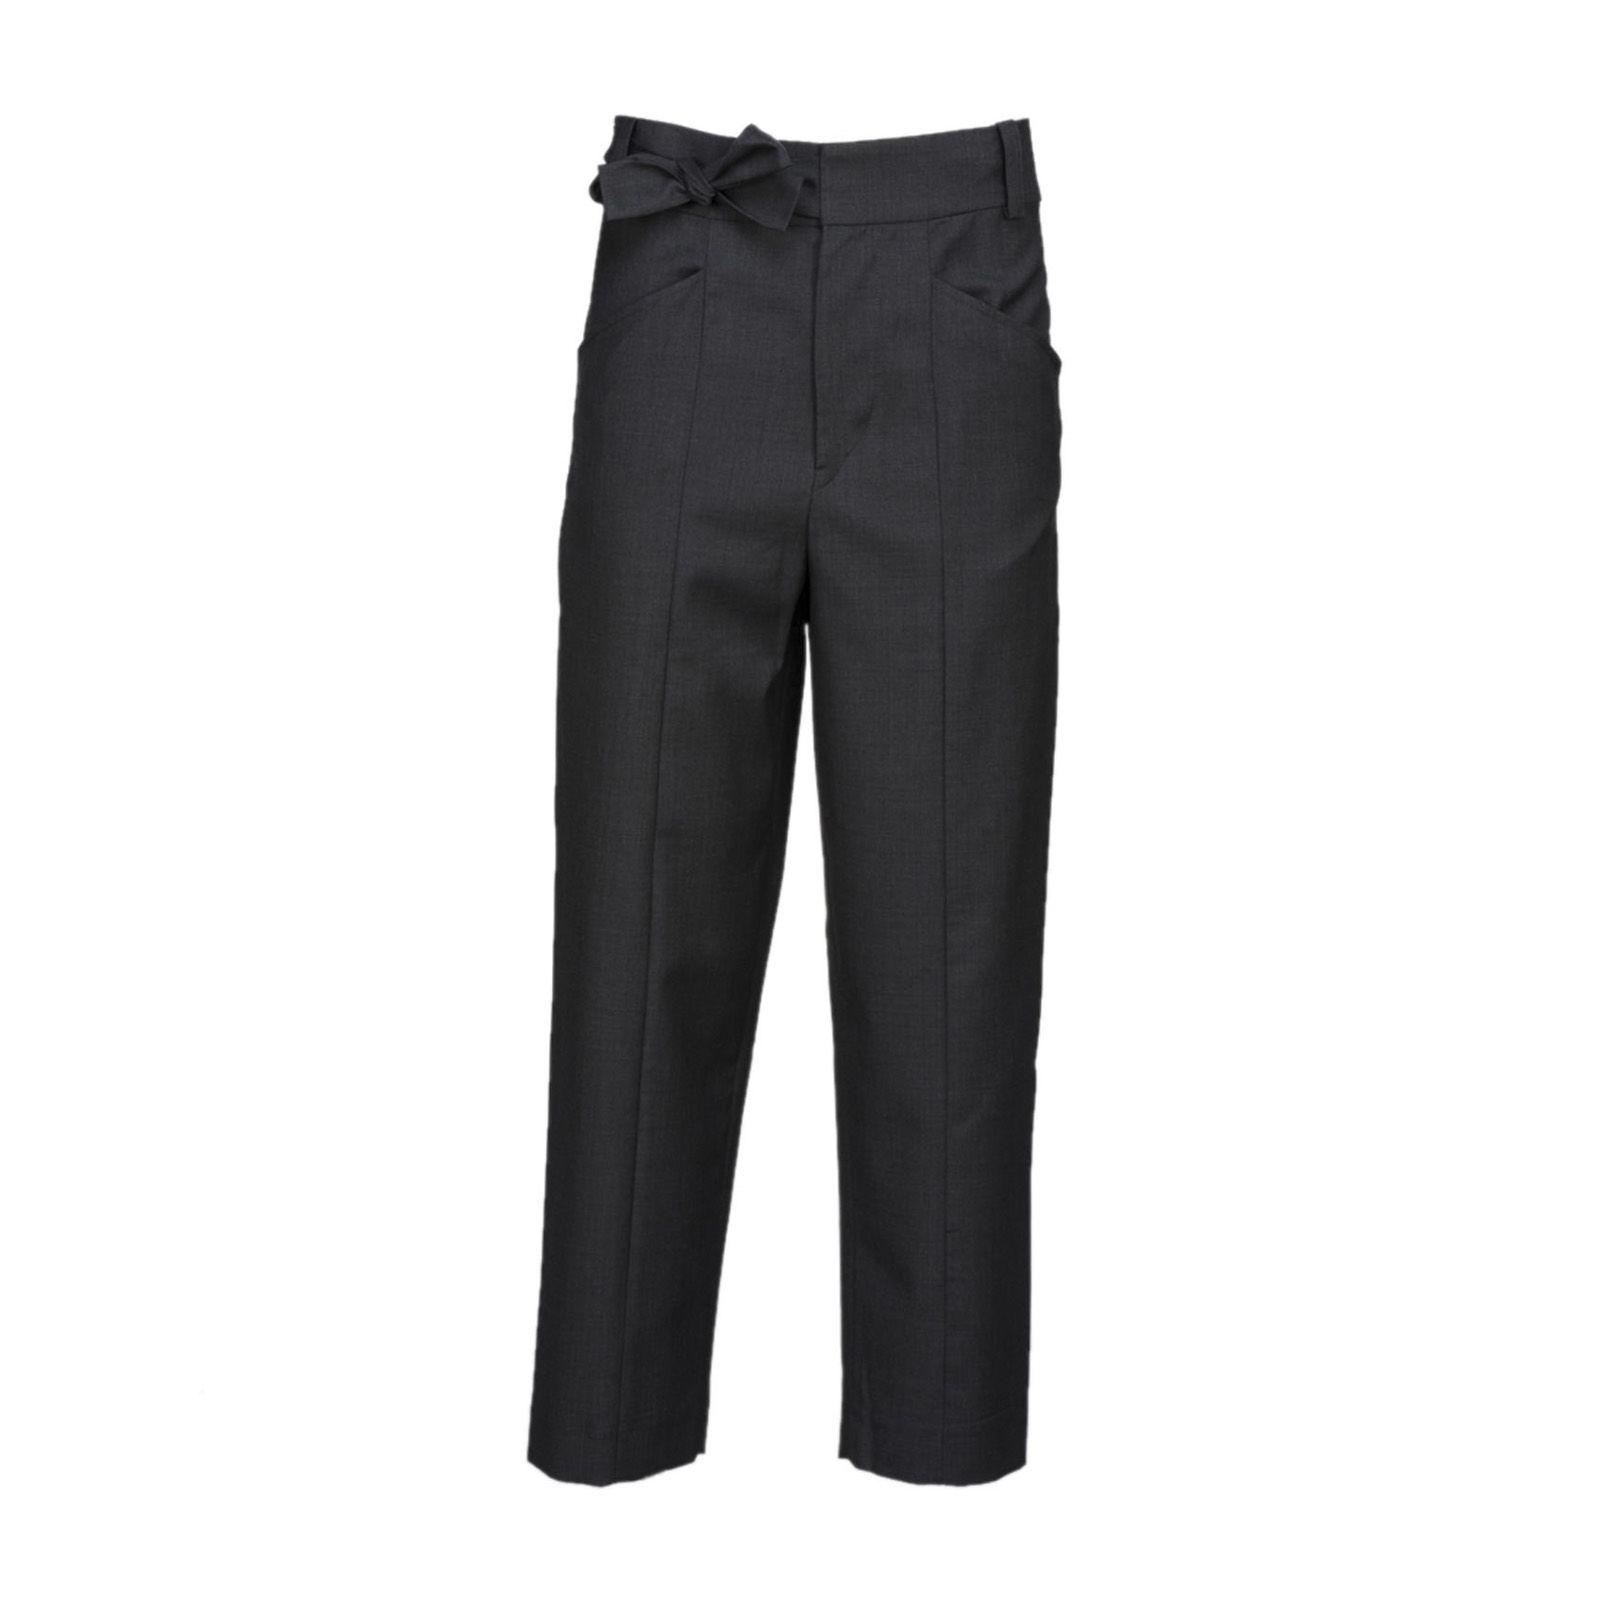 Nagano trousers - Grey Isabel Marant sLQlY9g